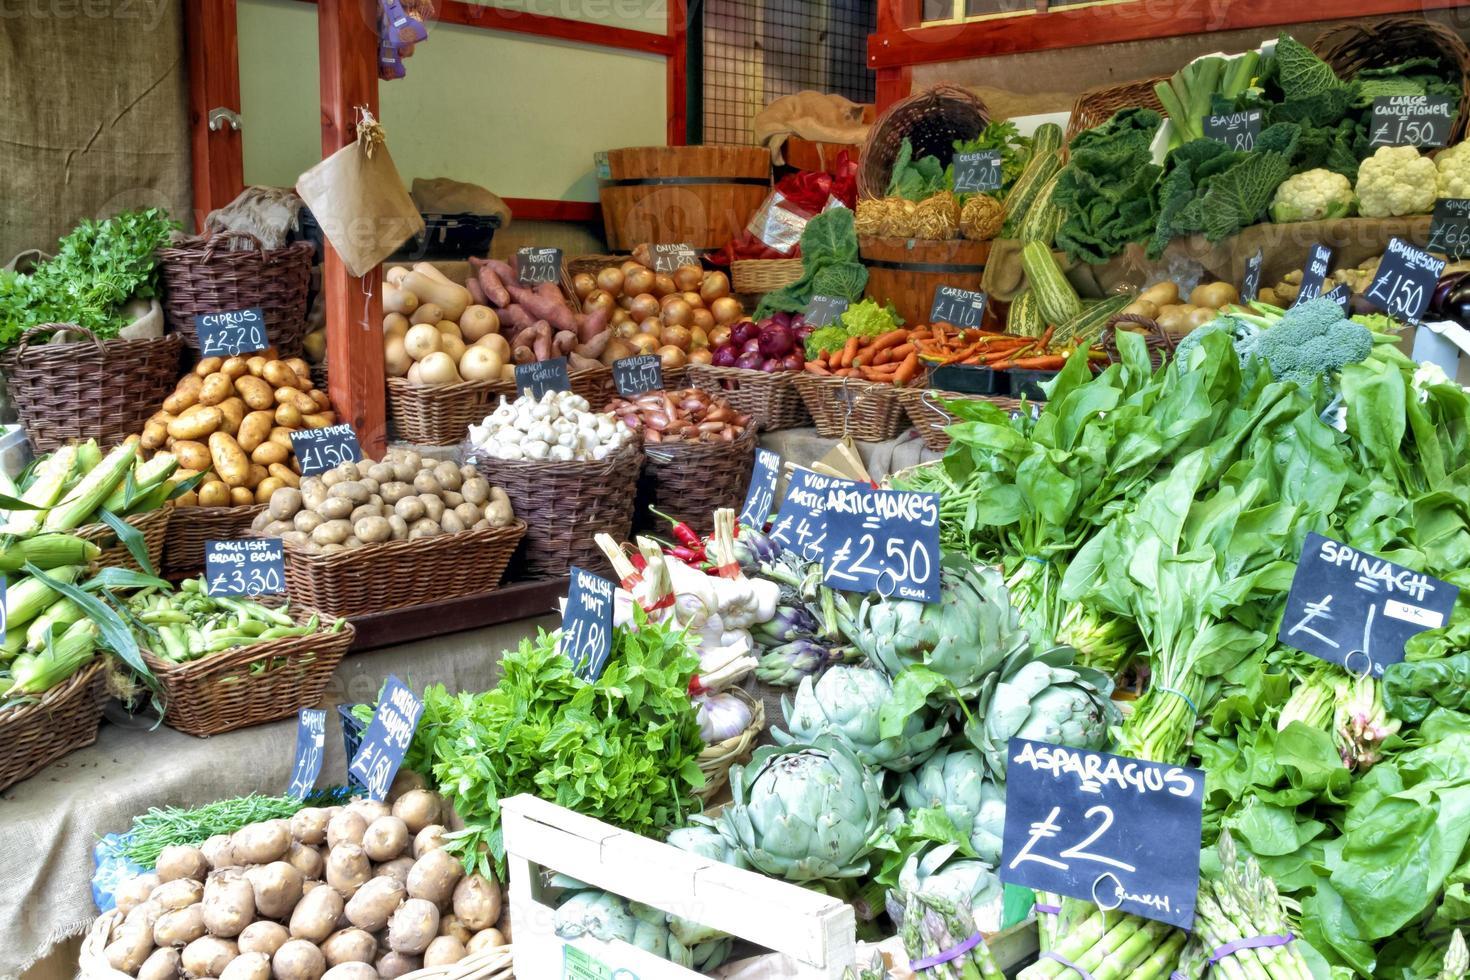 verduras en un puesto de mercado de agricultores foto